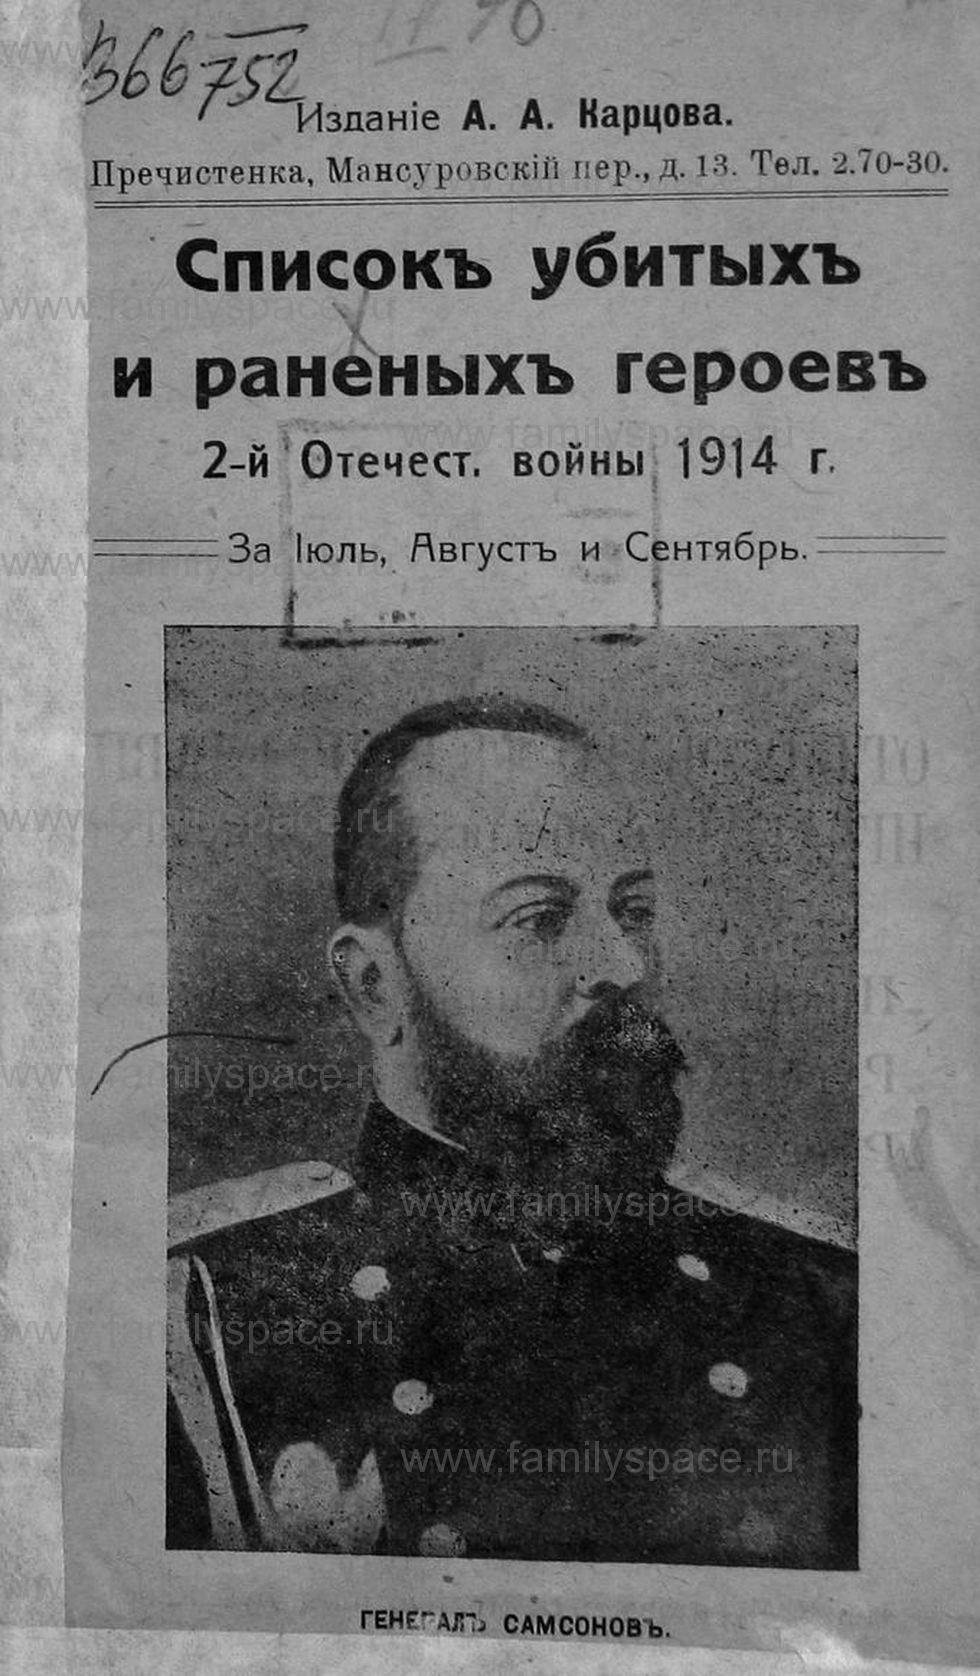 Поиск по фамилии - Война - 1914 (списки убитых и раненых), страница 1